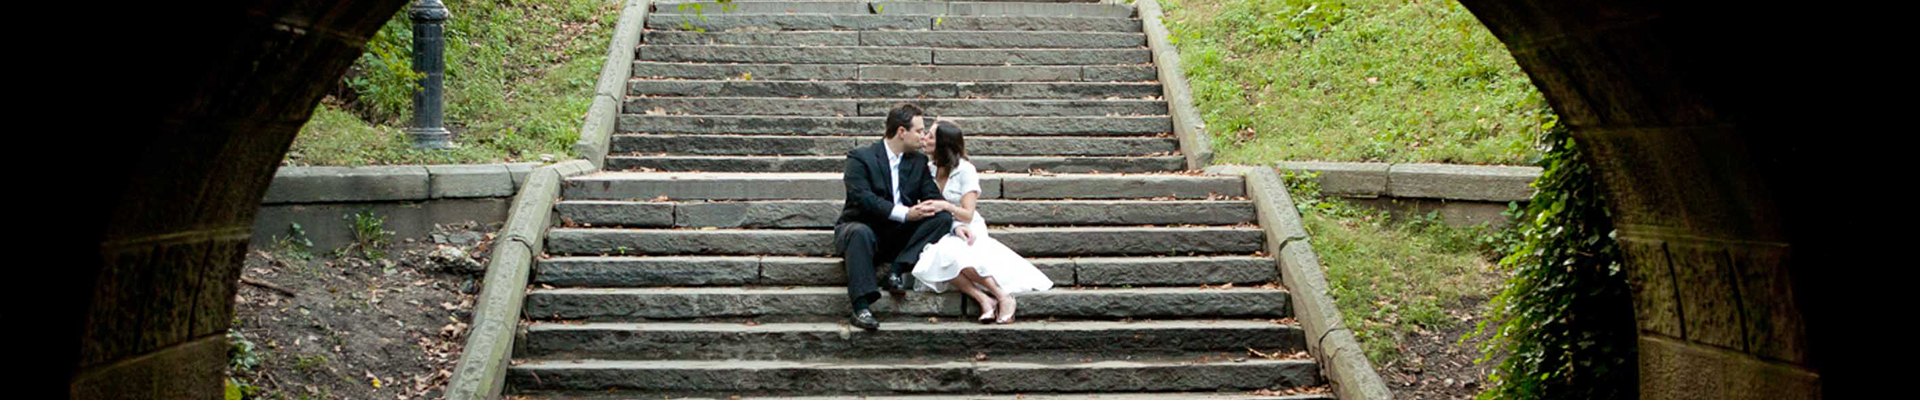 Engagement Photography - Jen